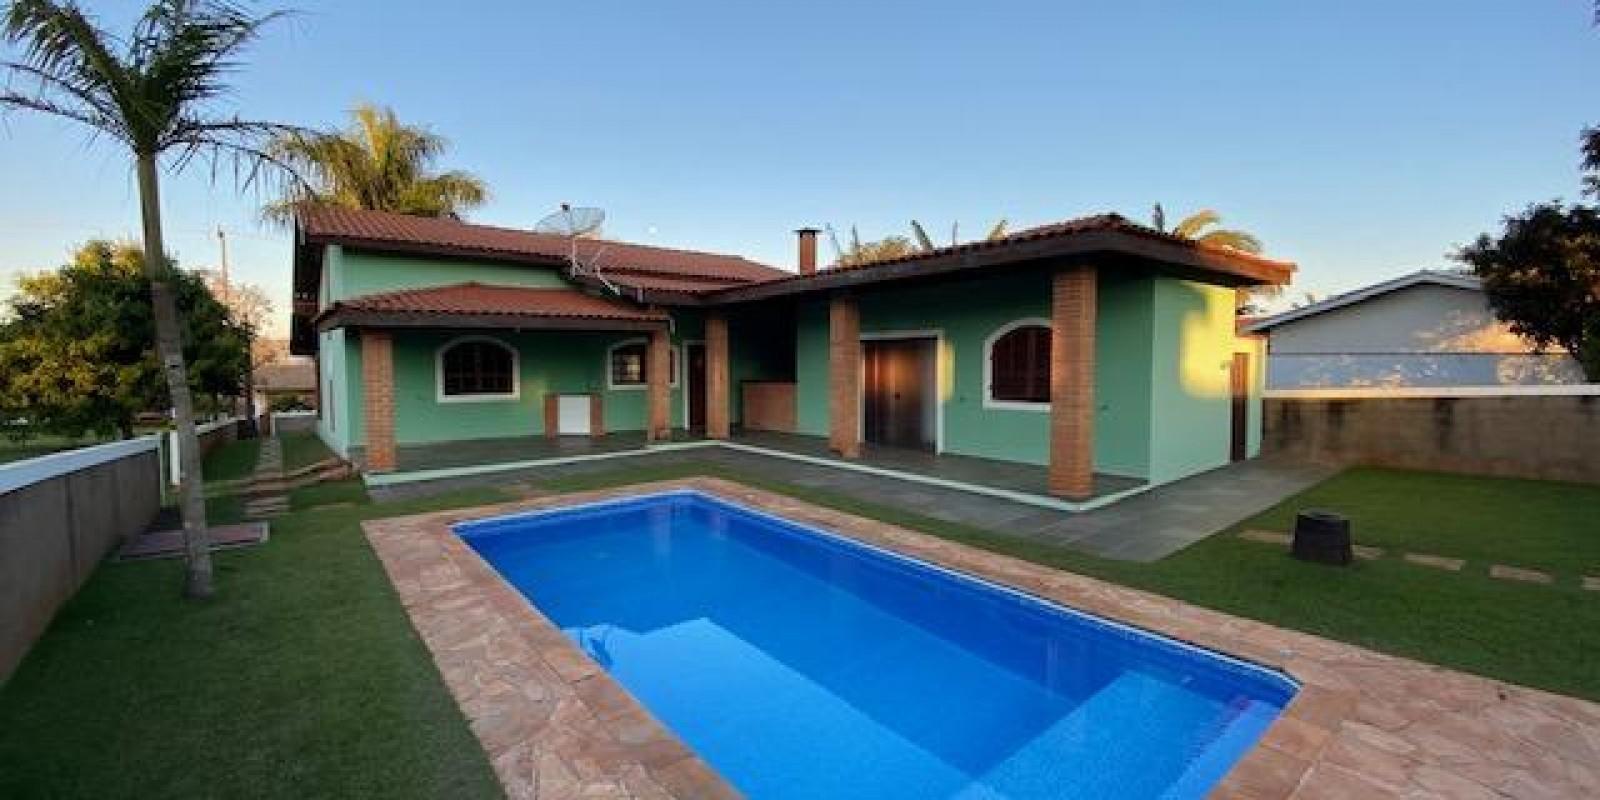 Casa na Represa no Condomínio Reviera de Sta Cristina I em Arandu Sp